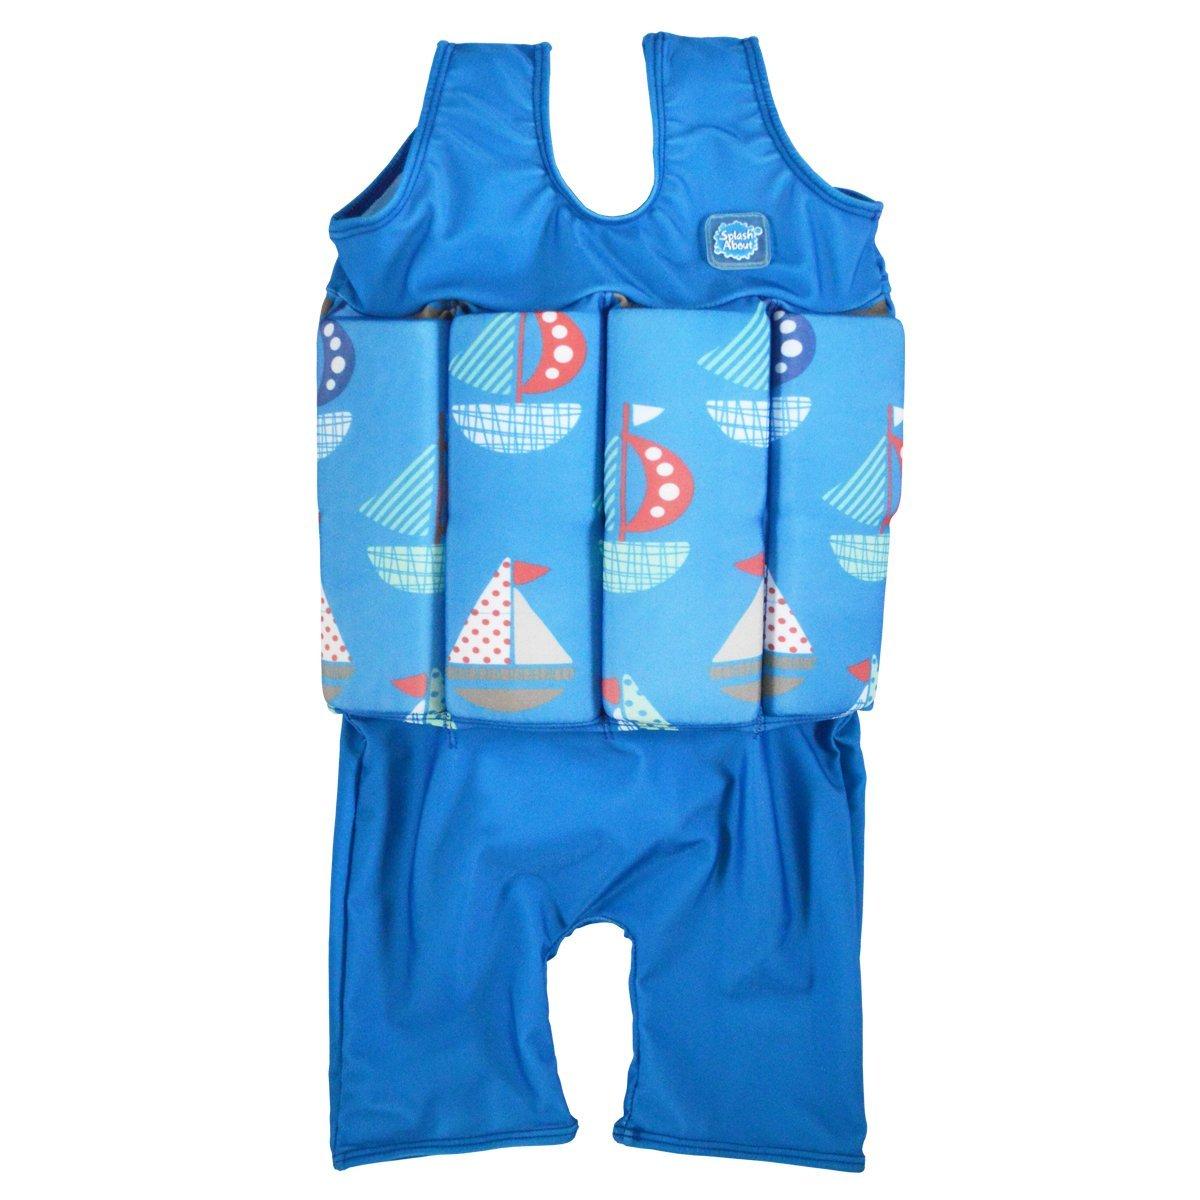 Maillot de bain-Avec Flotteurs Ajustables - Splash About ' Bleu Set Sail 1-2 ans B00I9WI634